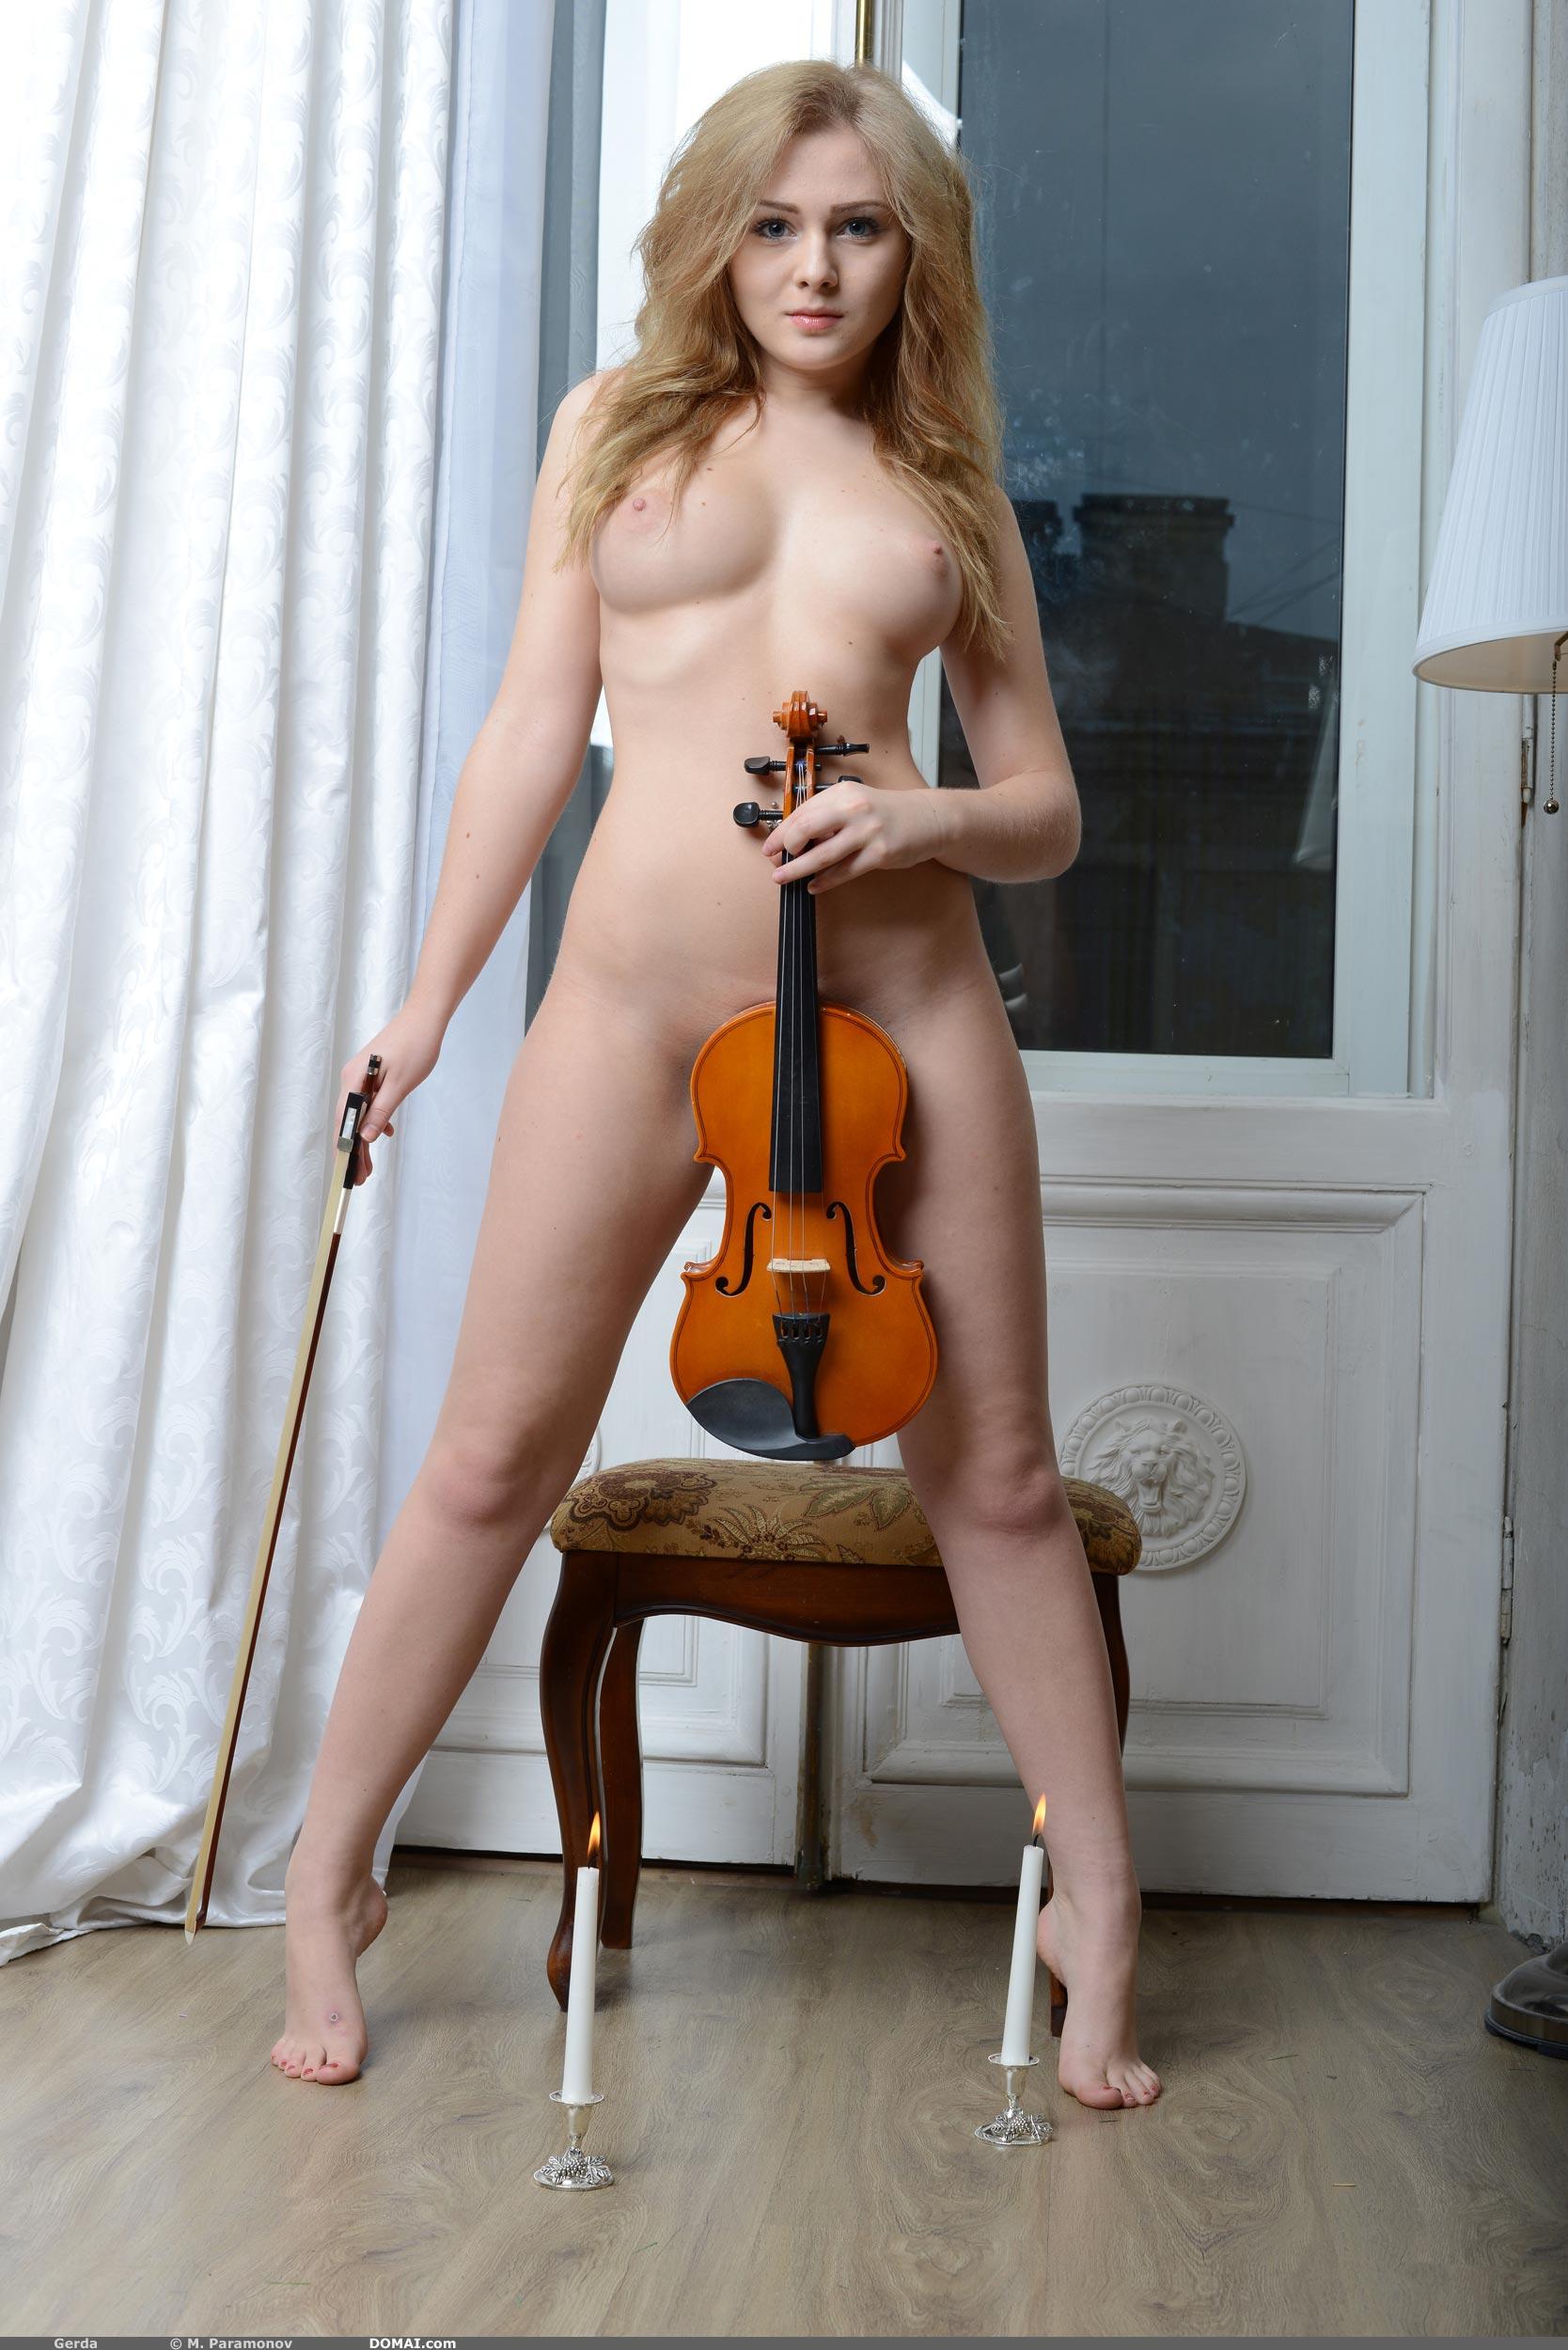 Фото голой скрипачки 14 фотография